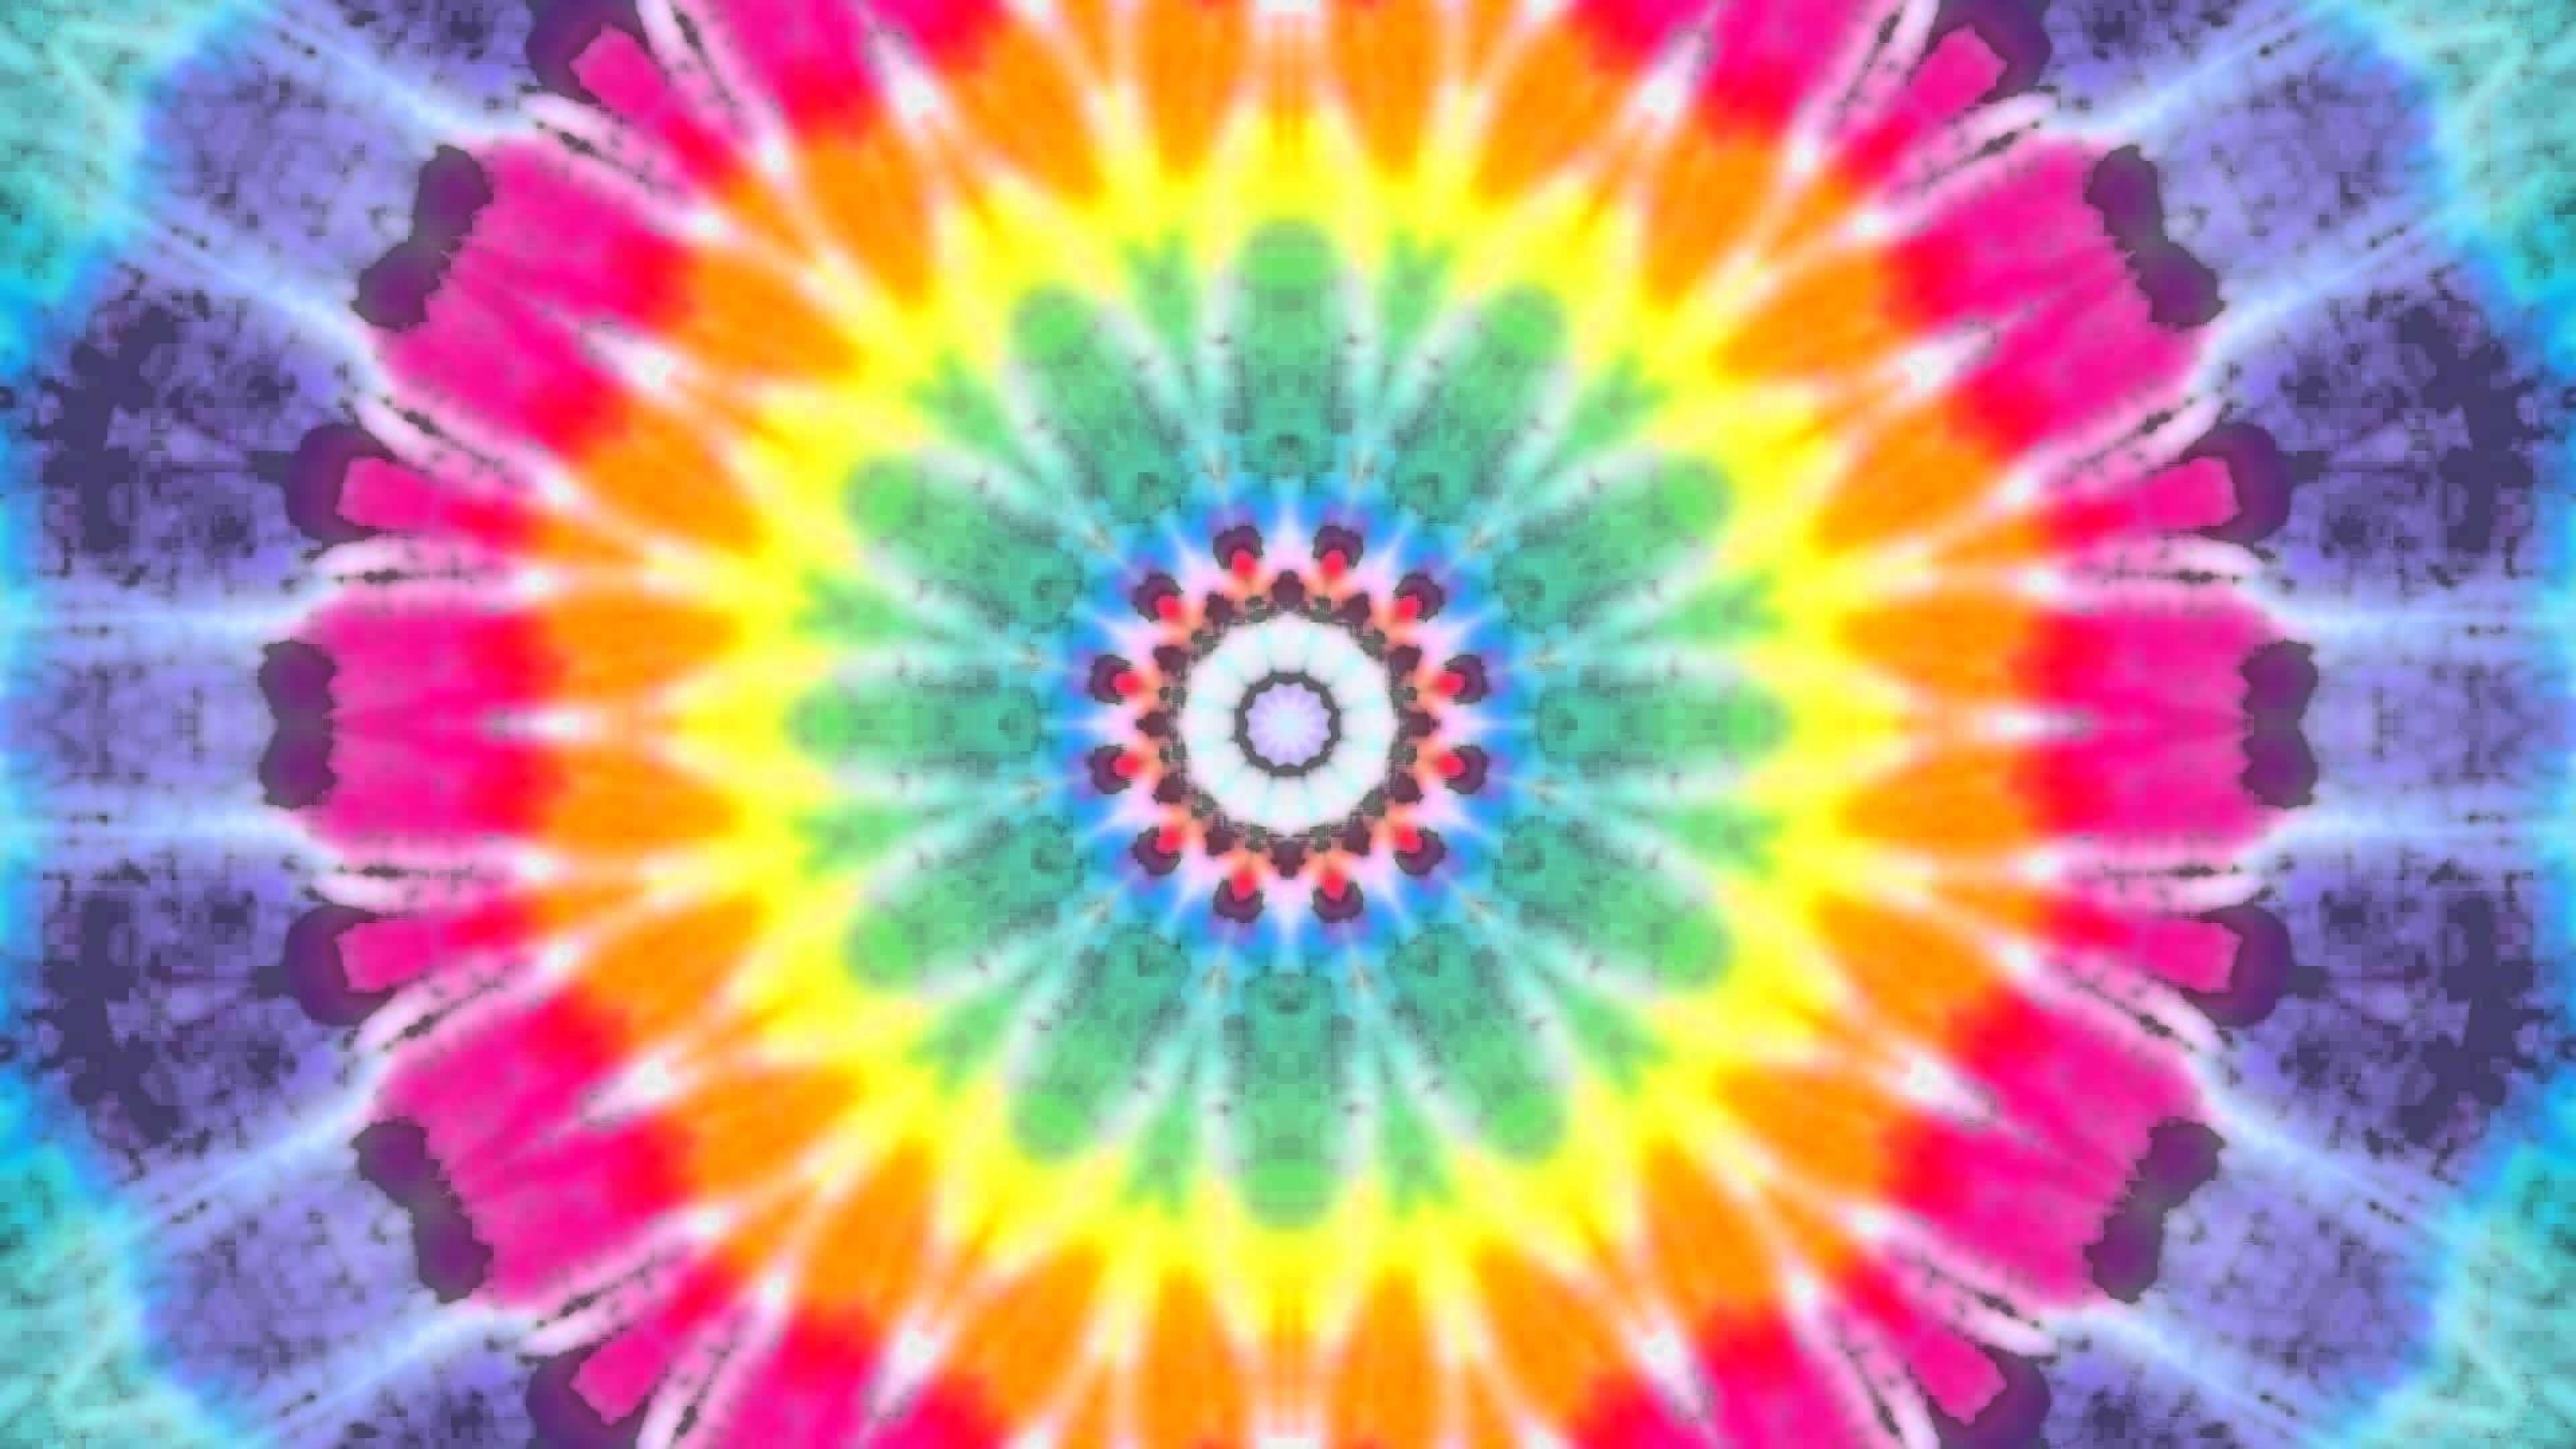 Free Tie Dye Wallpaper for iPad 4K HD Tie dye wallpaper